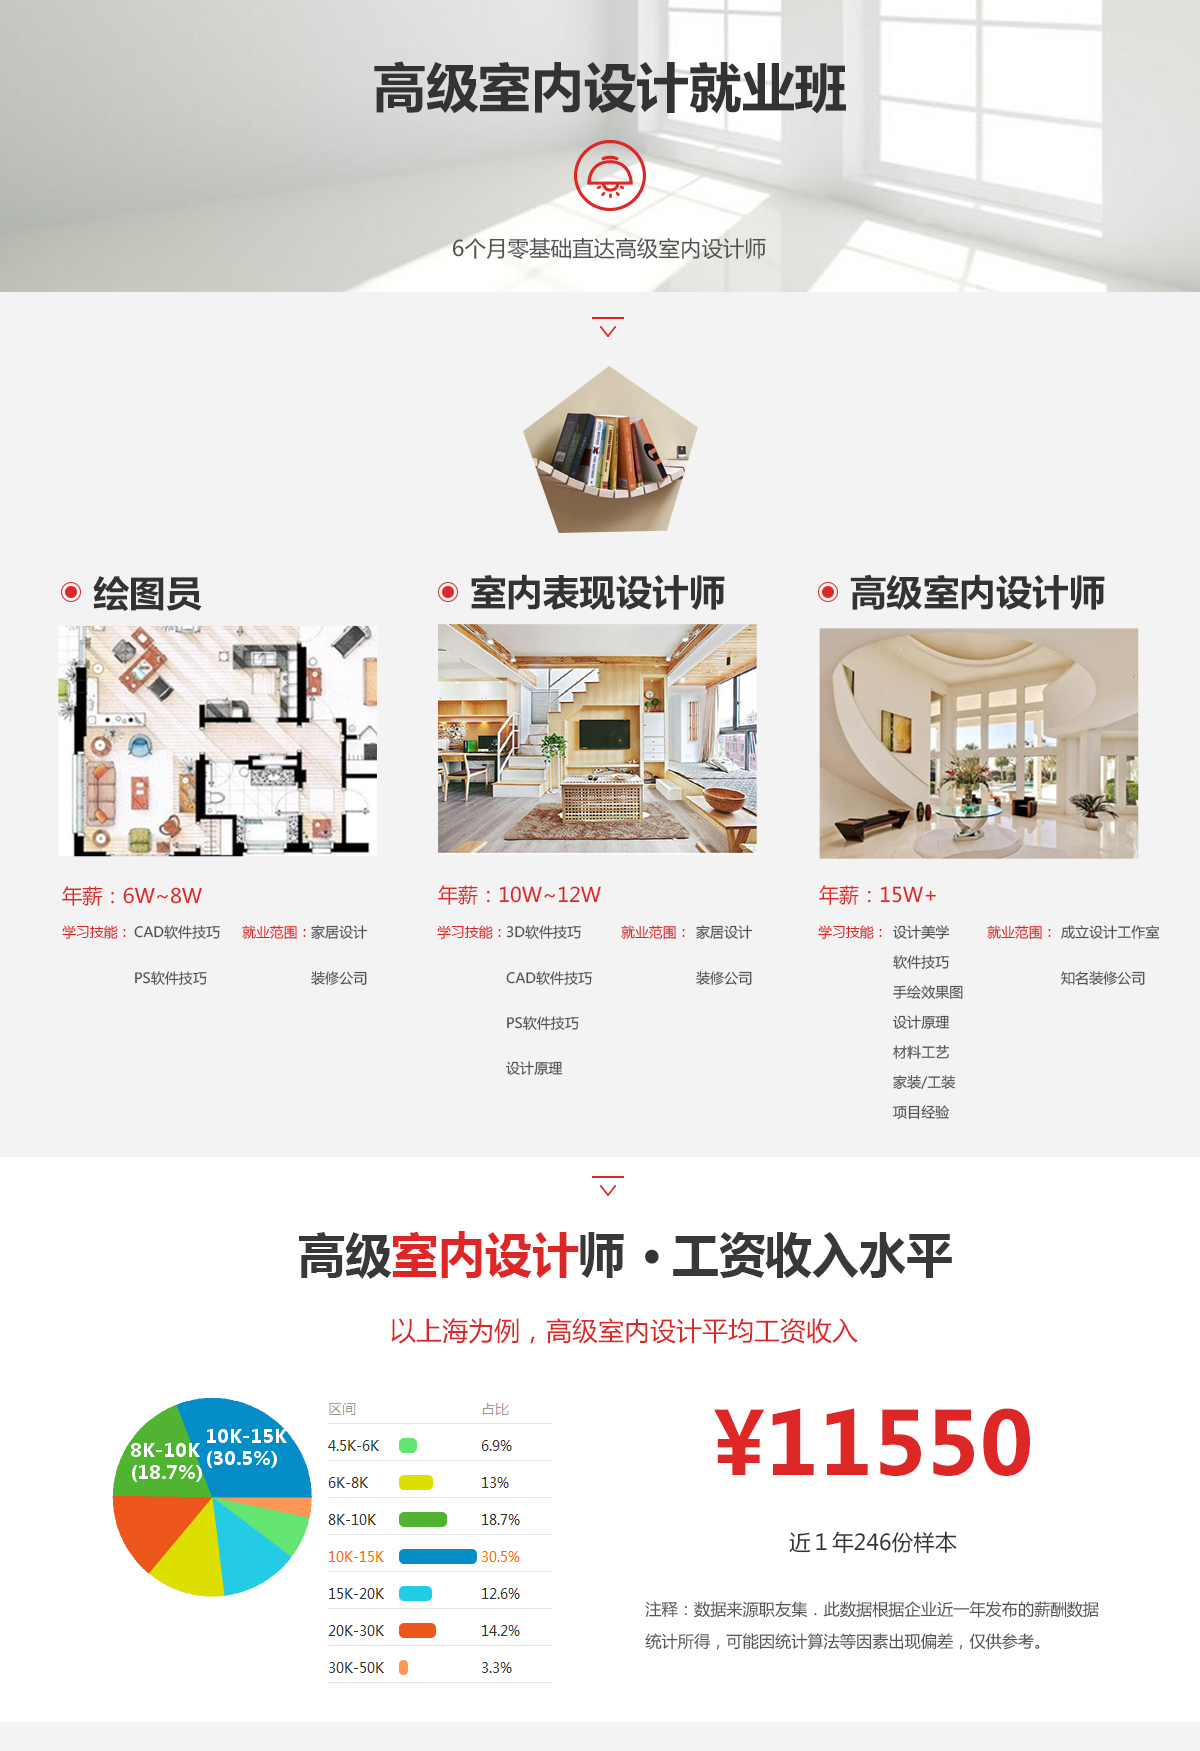 手绘室内效果图综合表现:住宅类,商业类 手绘施工图 量房步骤,工具